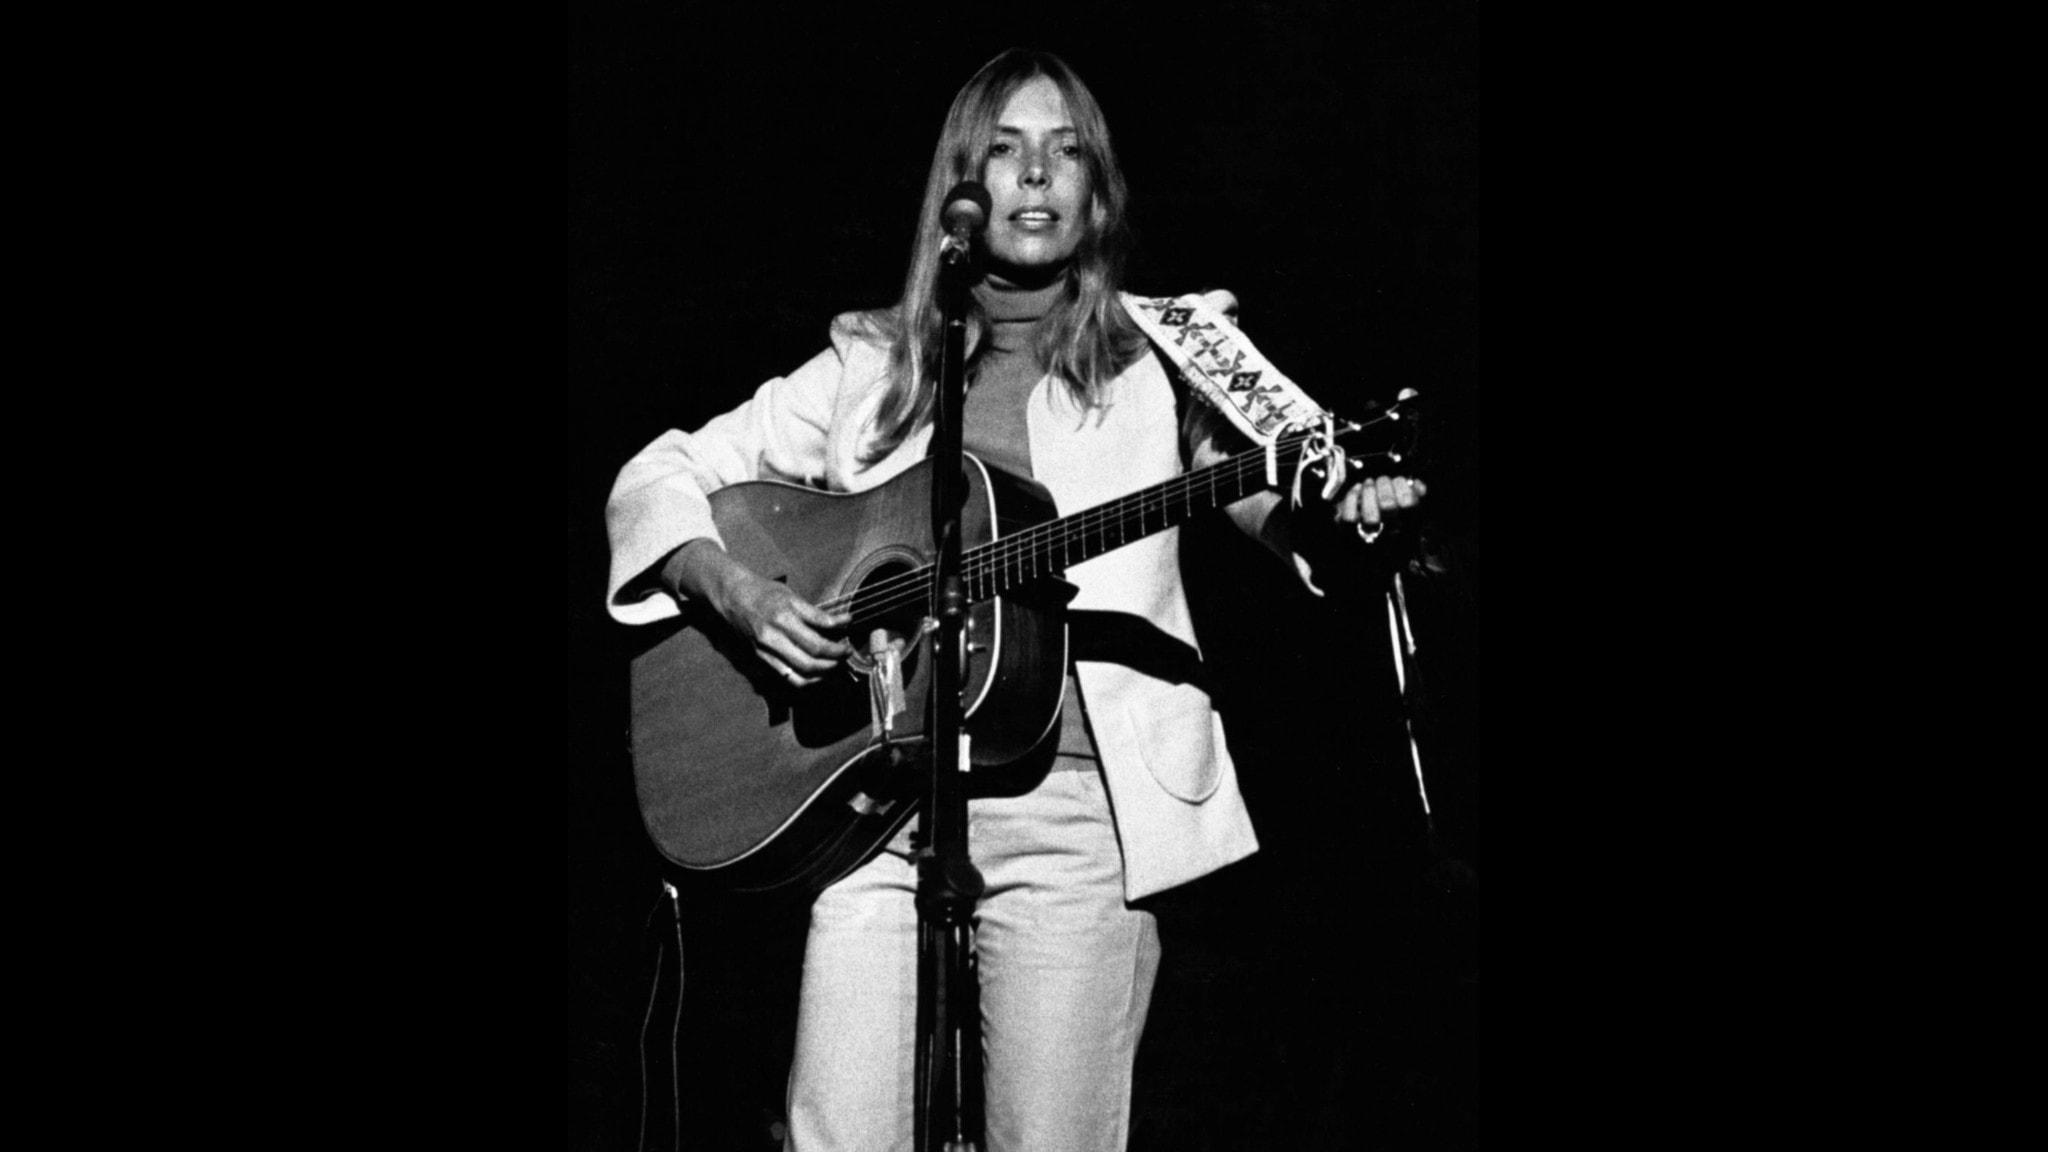 Artisten Joni Mitchell i en akustisk konsert 1974. Hon står på en scen, har långt hängande hår, har vita kläder och bär en akustisk gitarr i ett vackert brett broderat band om ryggen. Hon stämmer en av strängarna.